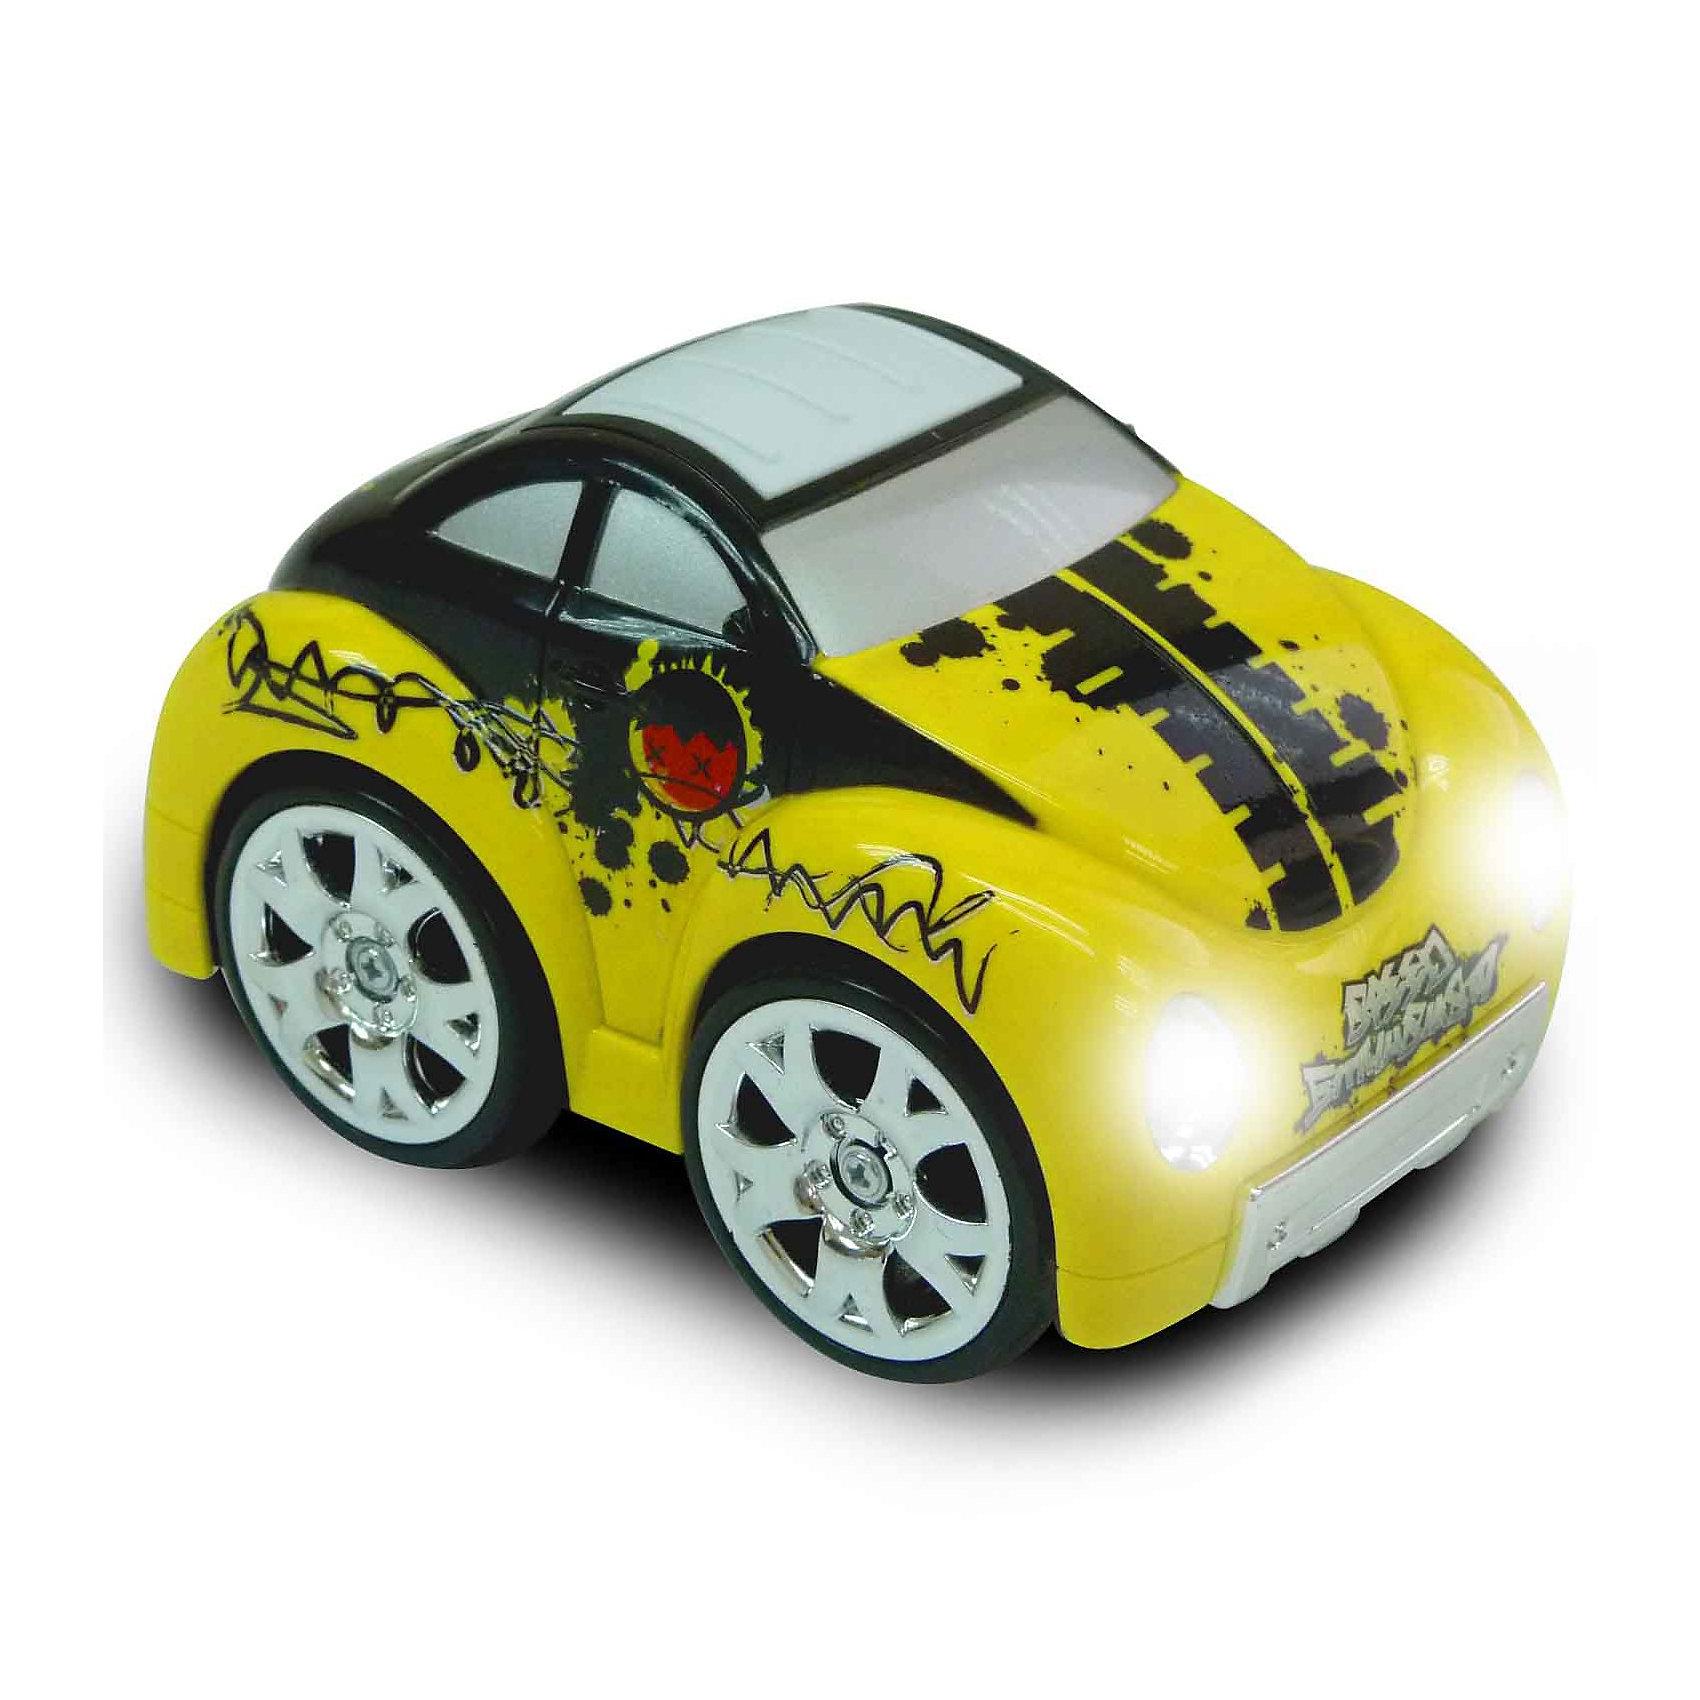 KidzTech Радиоуправляемая мини машинка желтого цветаРадиоуправляемый транспорт<br>Радиоуправляемая мини машинка станет отличным подарком для Вашего малыша.Маленькая маневренная машинка, которой можно дистанционно управлять – что может быть лучше! С ней Вы проведете множество незабываемых мгновений<br>Размер упаковки: 22х11х12,5 см.<br>Радиоуправляемая мини машинка станет отличным подарком для Вашего малыша.Маленькая маневренная машинка, которой можно дистанционно управлять – что может быть лучше! С ней Вы проведете множество незабываемых мгновений.<br>Яркие фары этой машинки позволят устраивать увлекательные заезды даже в темное время суток.<br>В комплекте: радиоуправляемый автомобиль, пульт дистанционного управления, антенна, инструкция на русском языке.<br>Для работы машинки требуется 3 батарейки типа 1,5V АА, которые продаются отдельно. <br>Для работы пульта требуется 1 батарейка 9V.<br><br>Ширина мм: 220<br>Глубина мм: 110<br>Высота мм: 125<br>Вес г: 720<br>Возраст от месяцев: 36<br>Возраст до месяцев: 1188<br>Пол: Мужской<br>Возраст: Детский<br>SKU: 2539761